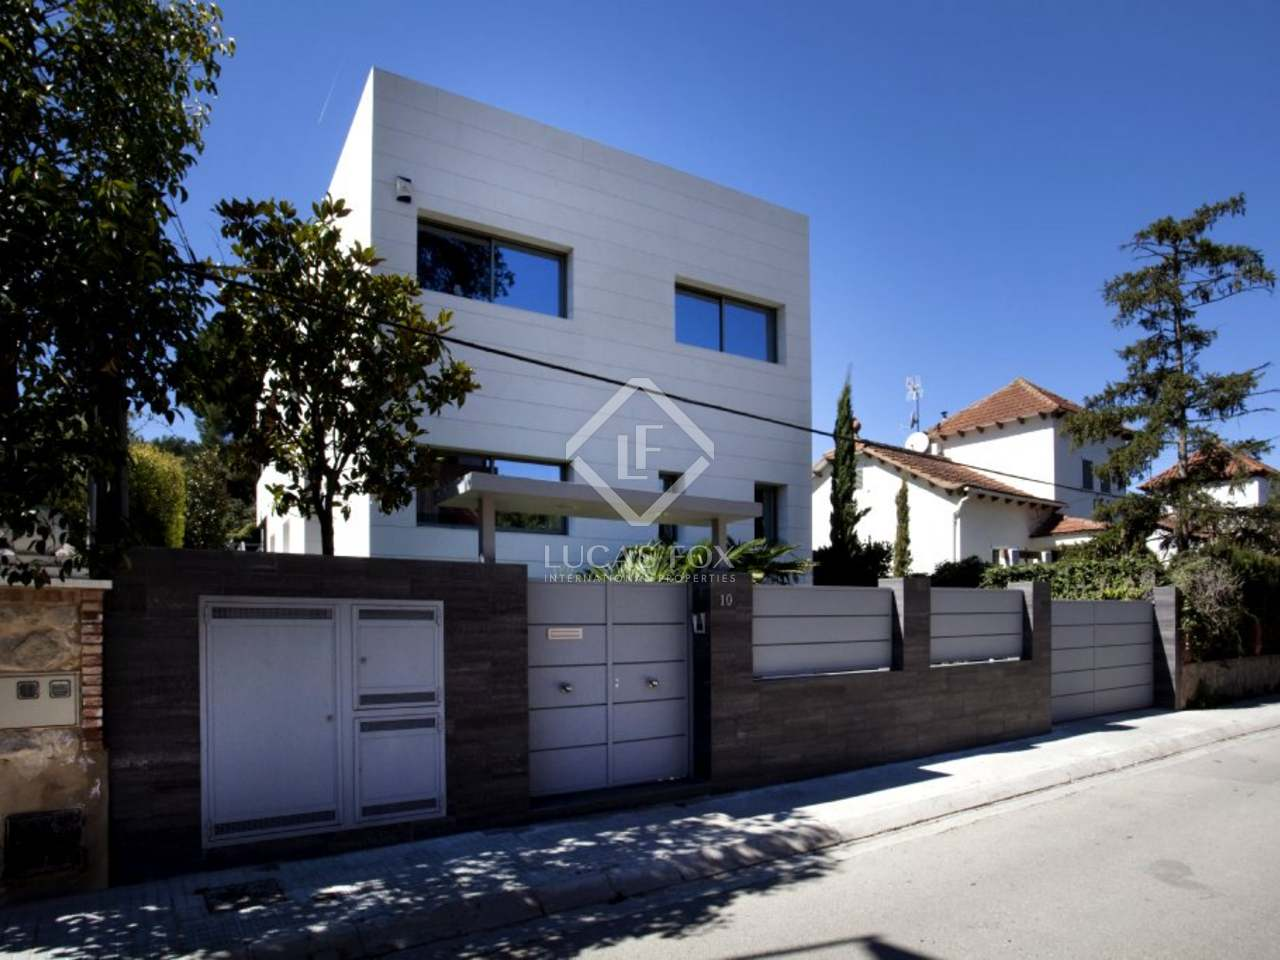 Casa de dise o en venta en valldoreix cerca de barcelona - Casas en valldoreix ...